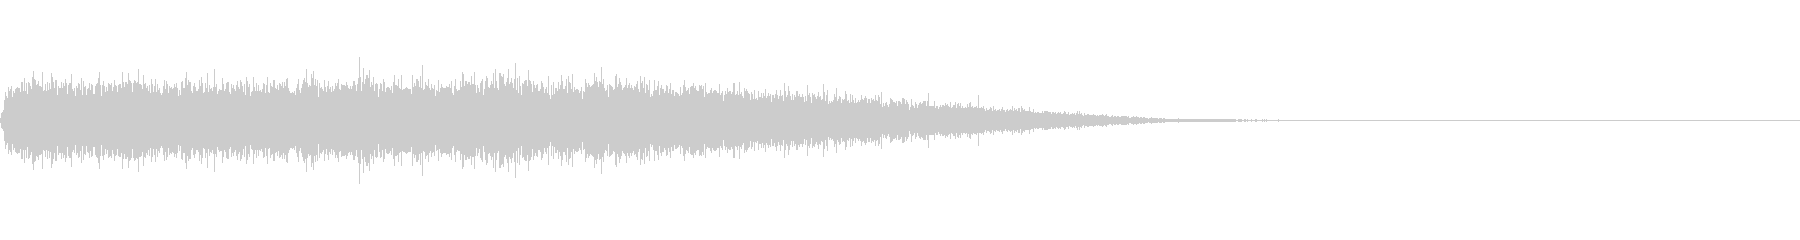 歓声 応援 拍手の効果音 001の未再生の波形